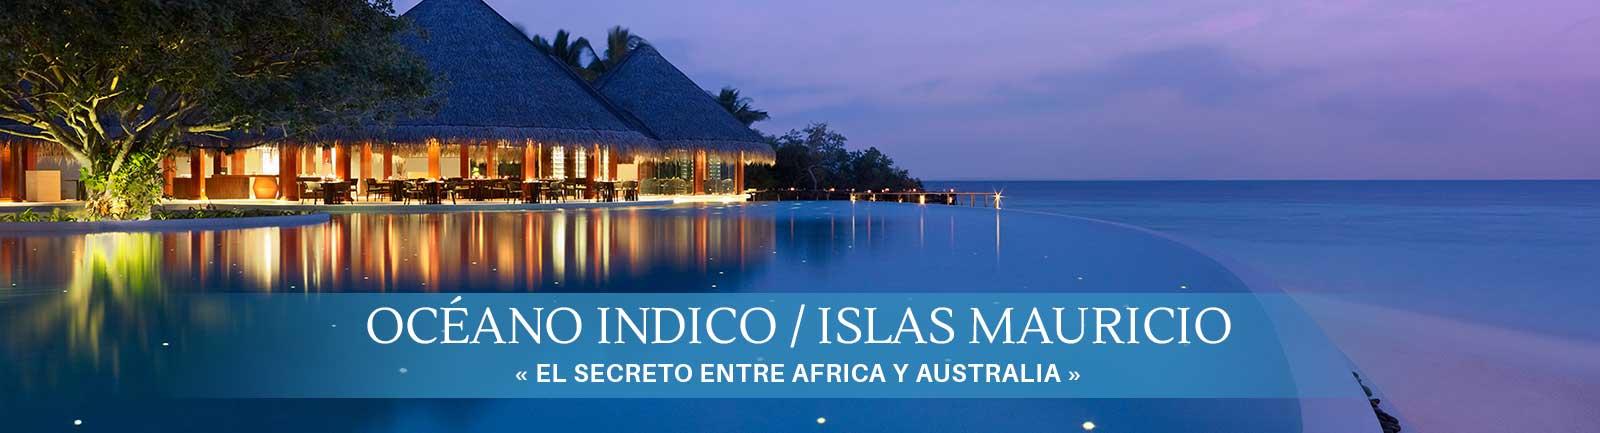 Crucero Océano Indico / Islas Mauricio